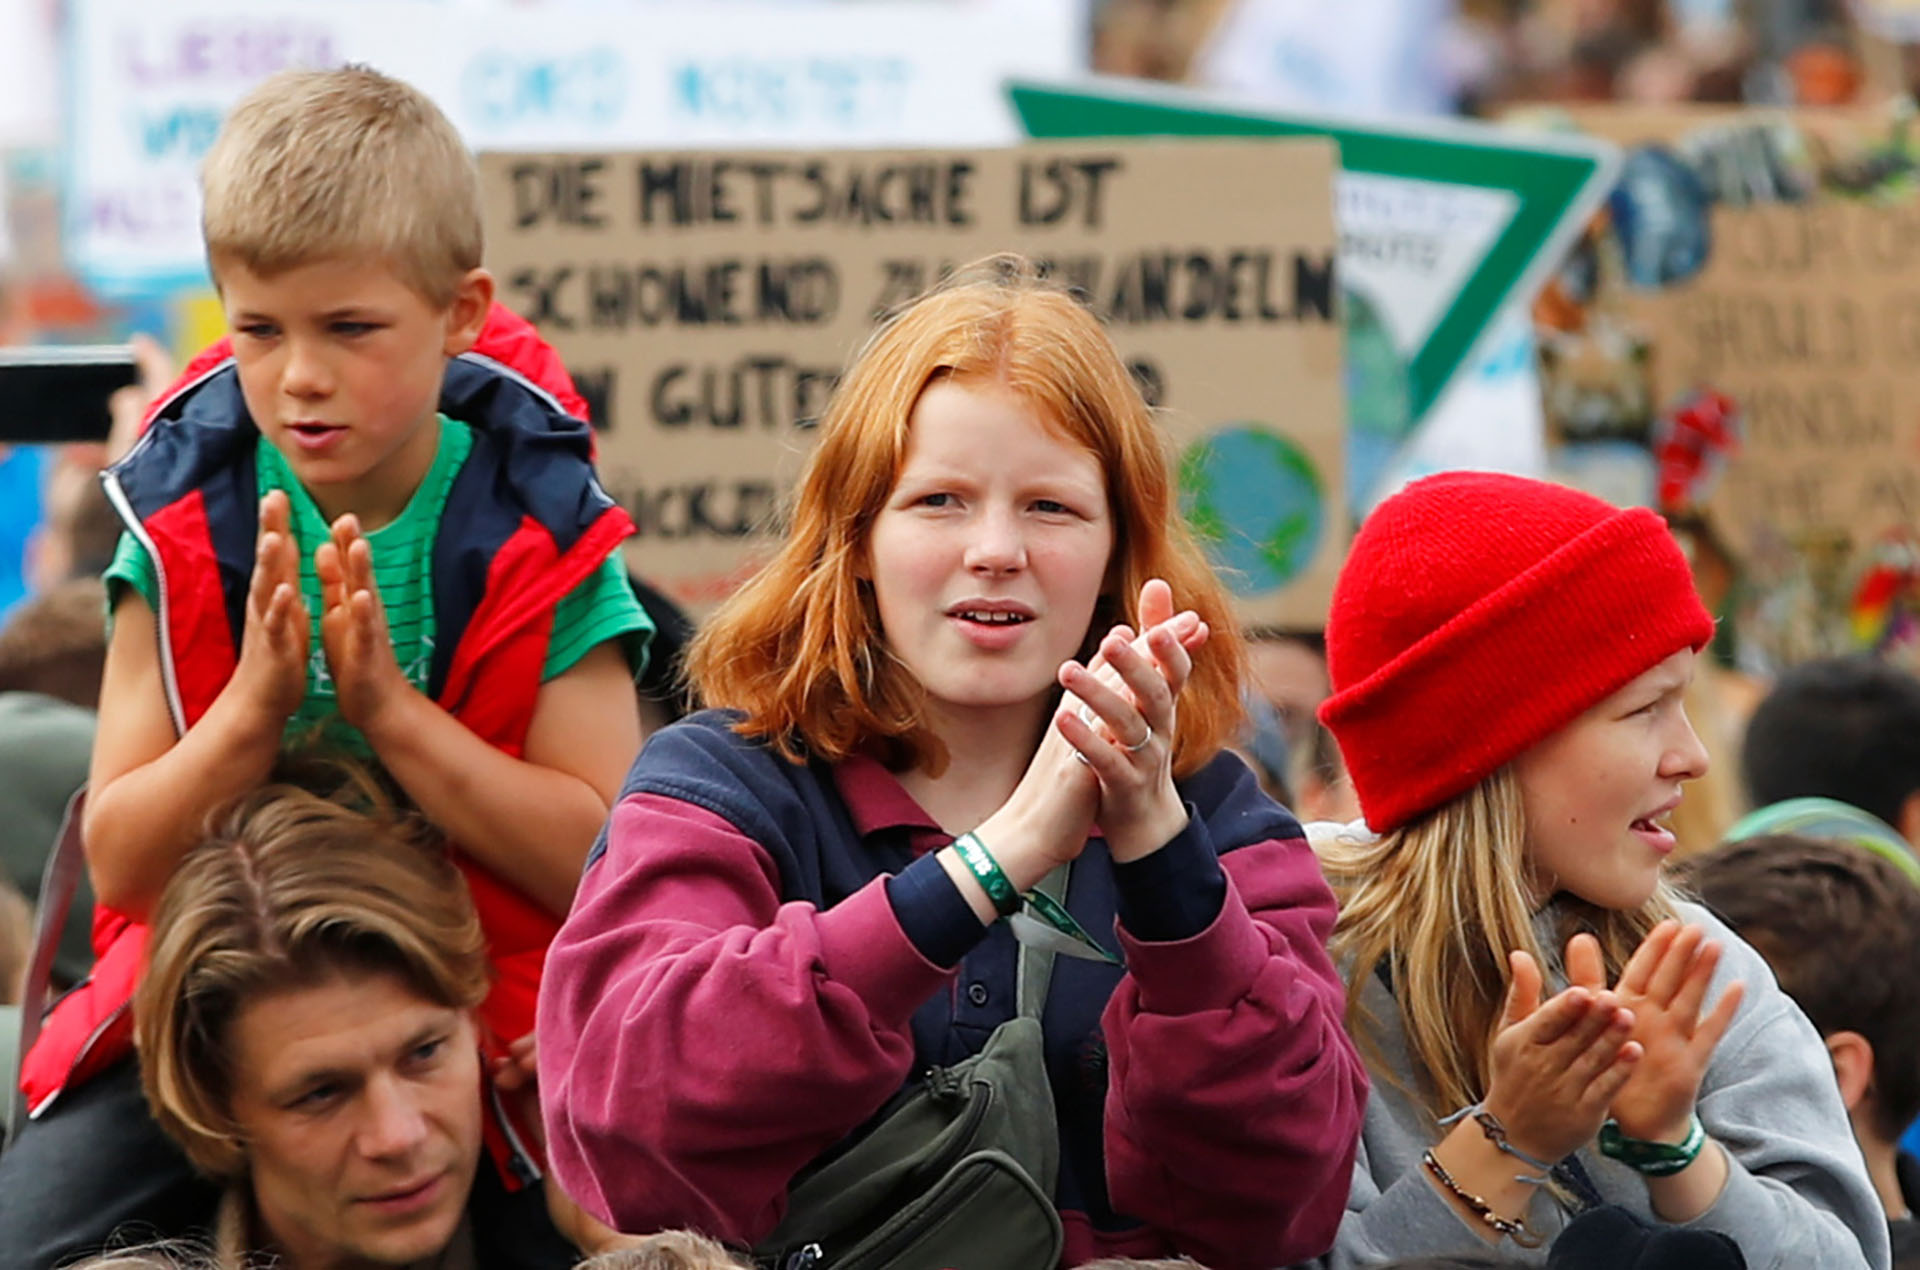 Niños y niñas participaron este viernes en la Huelga Climática Mundial del movimiento Viernes por el Futuro, en Berlín, Alemania (REUTERS/Hannibal Hanschke)